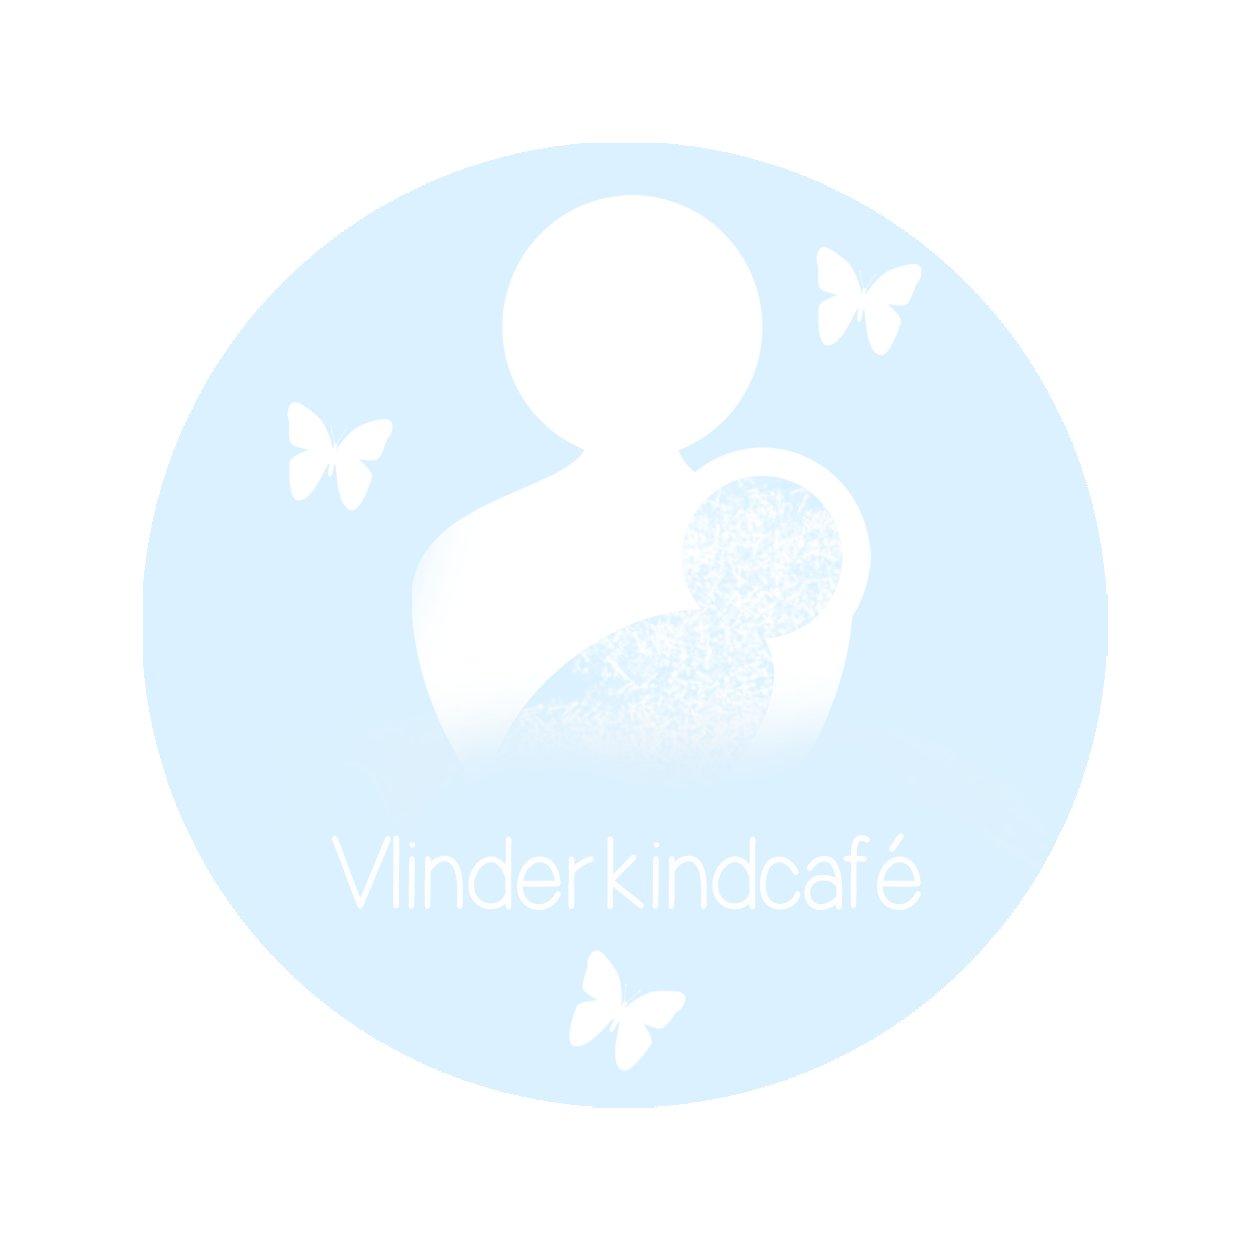 Vlinderkindcafé, bijeenkomsten voor ouders van overleden kinderen